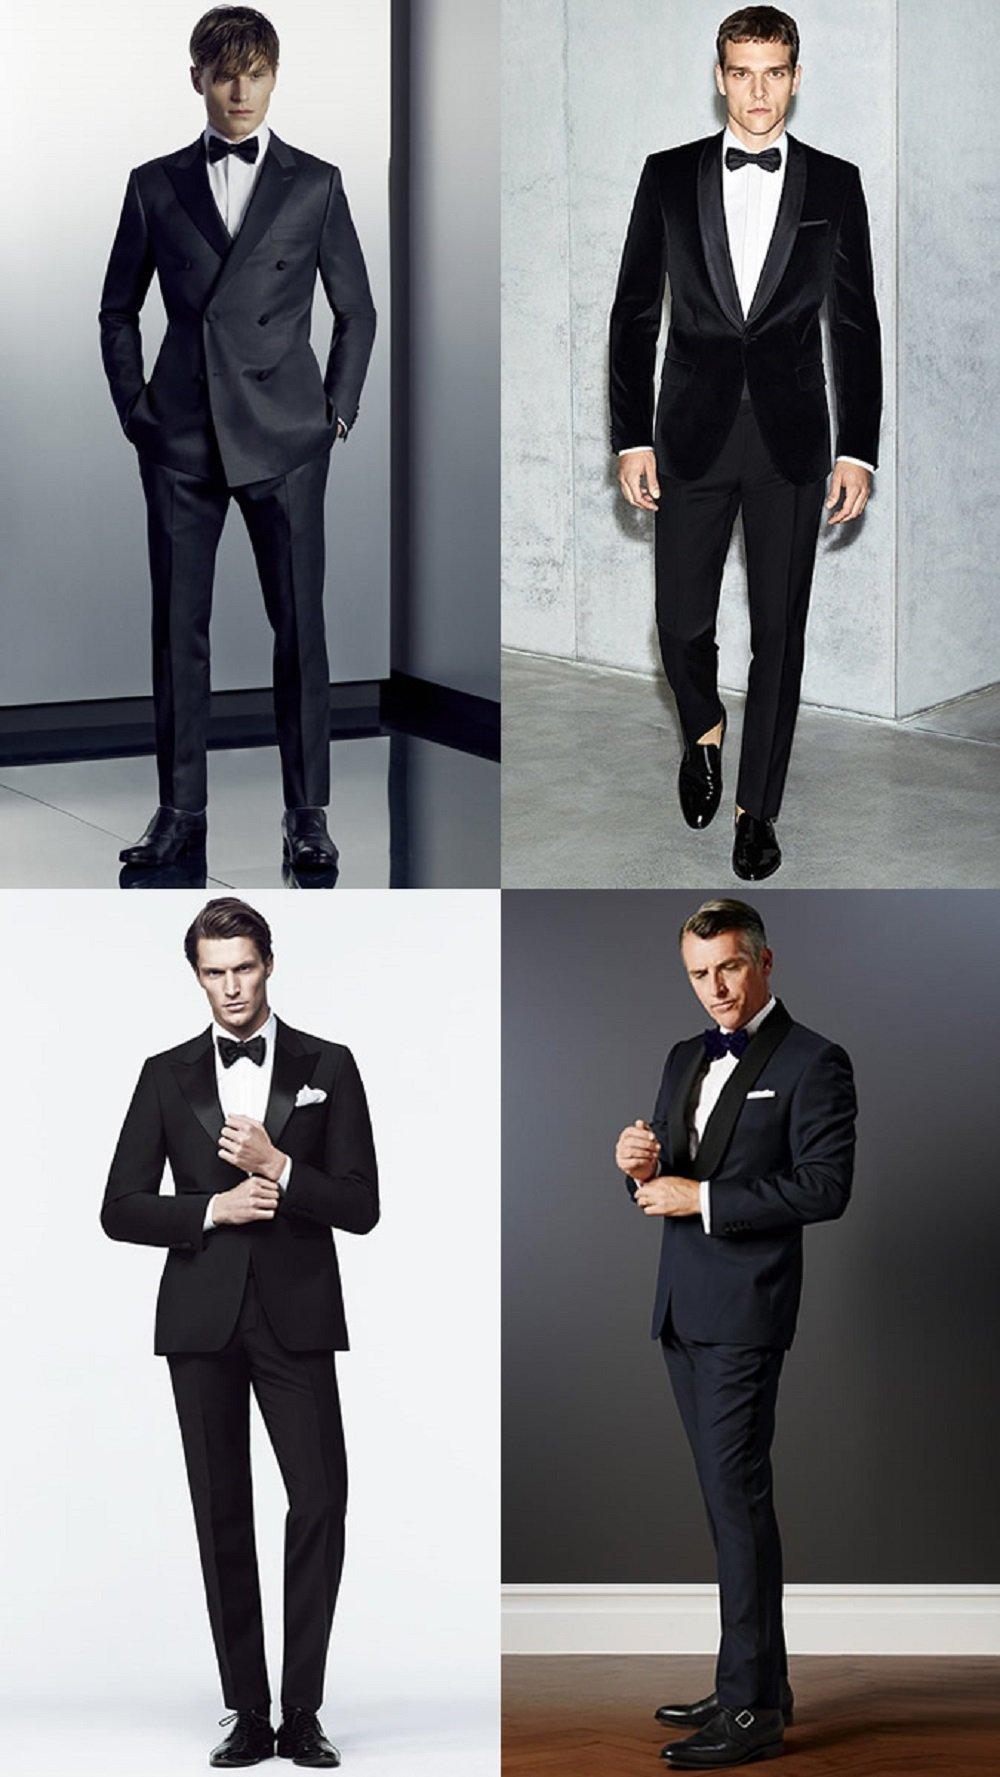 4-_bdl_-lshr-_lrjly_-_dinner-_suit